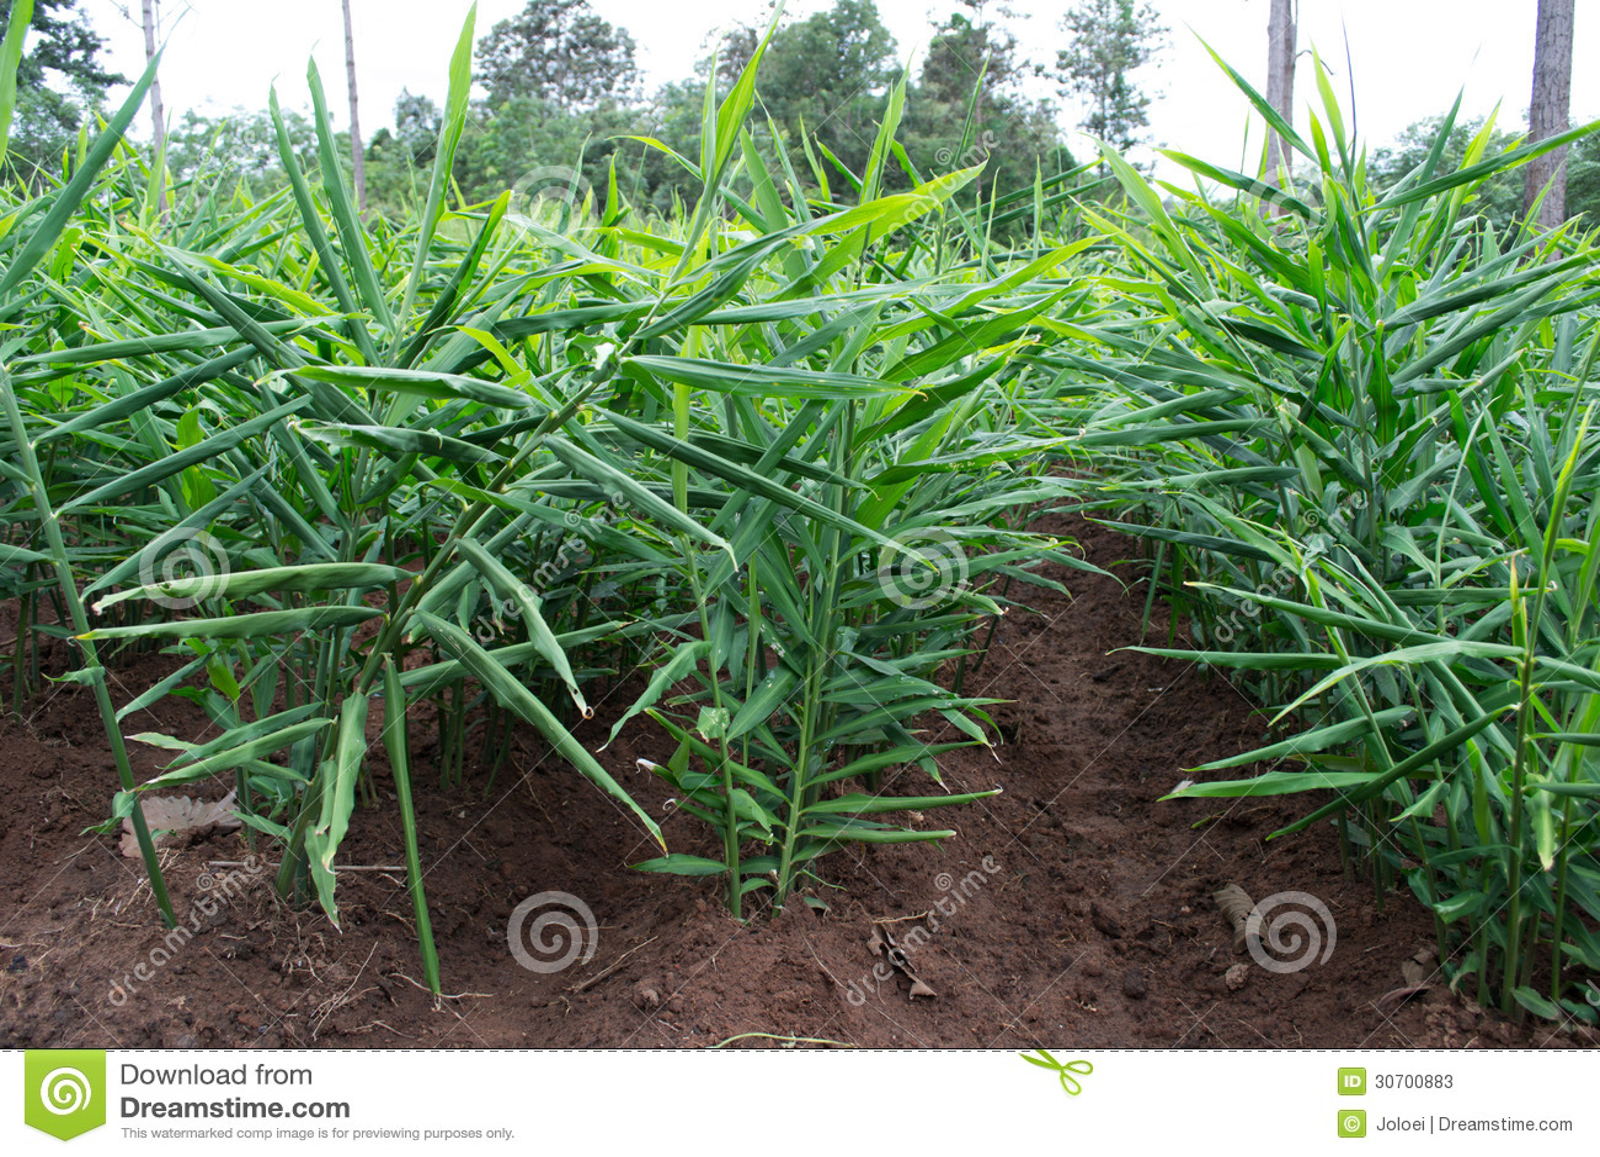 ginger plantation stock image image of meadow dirt 30700883. Black Bedroom Furniture Sets. Home Design Ideas